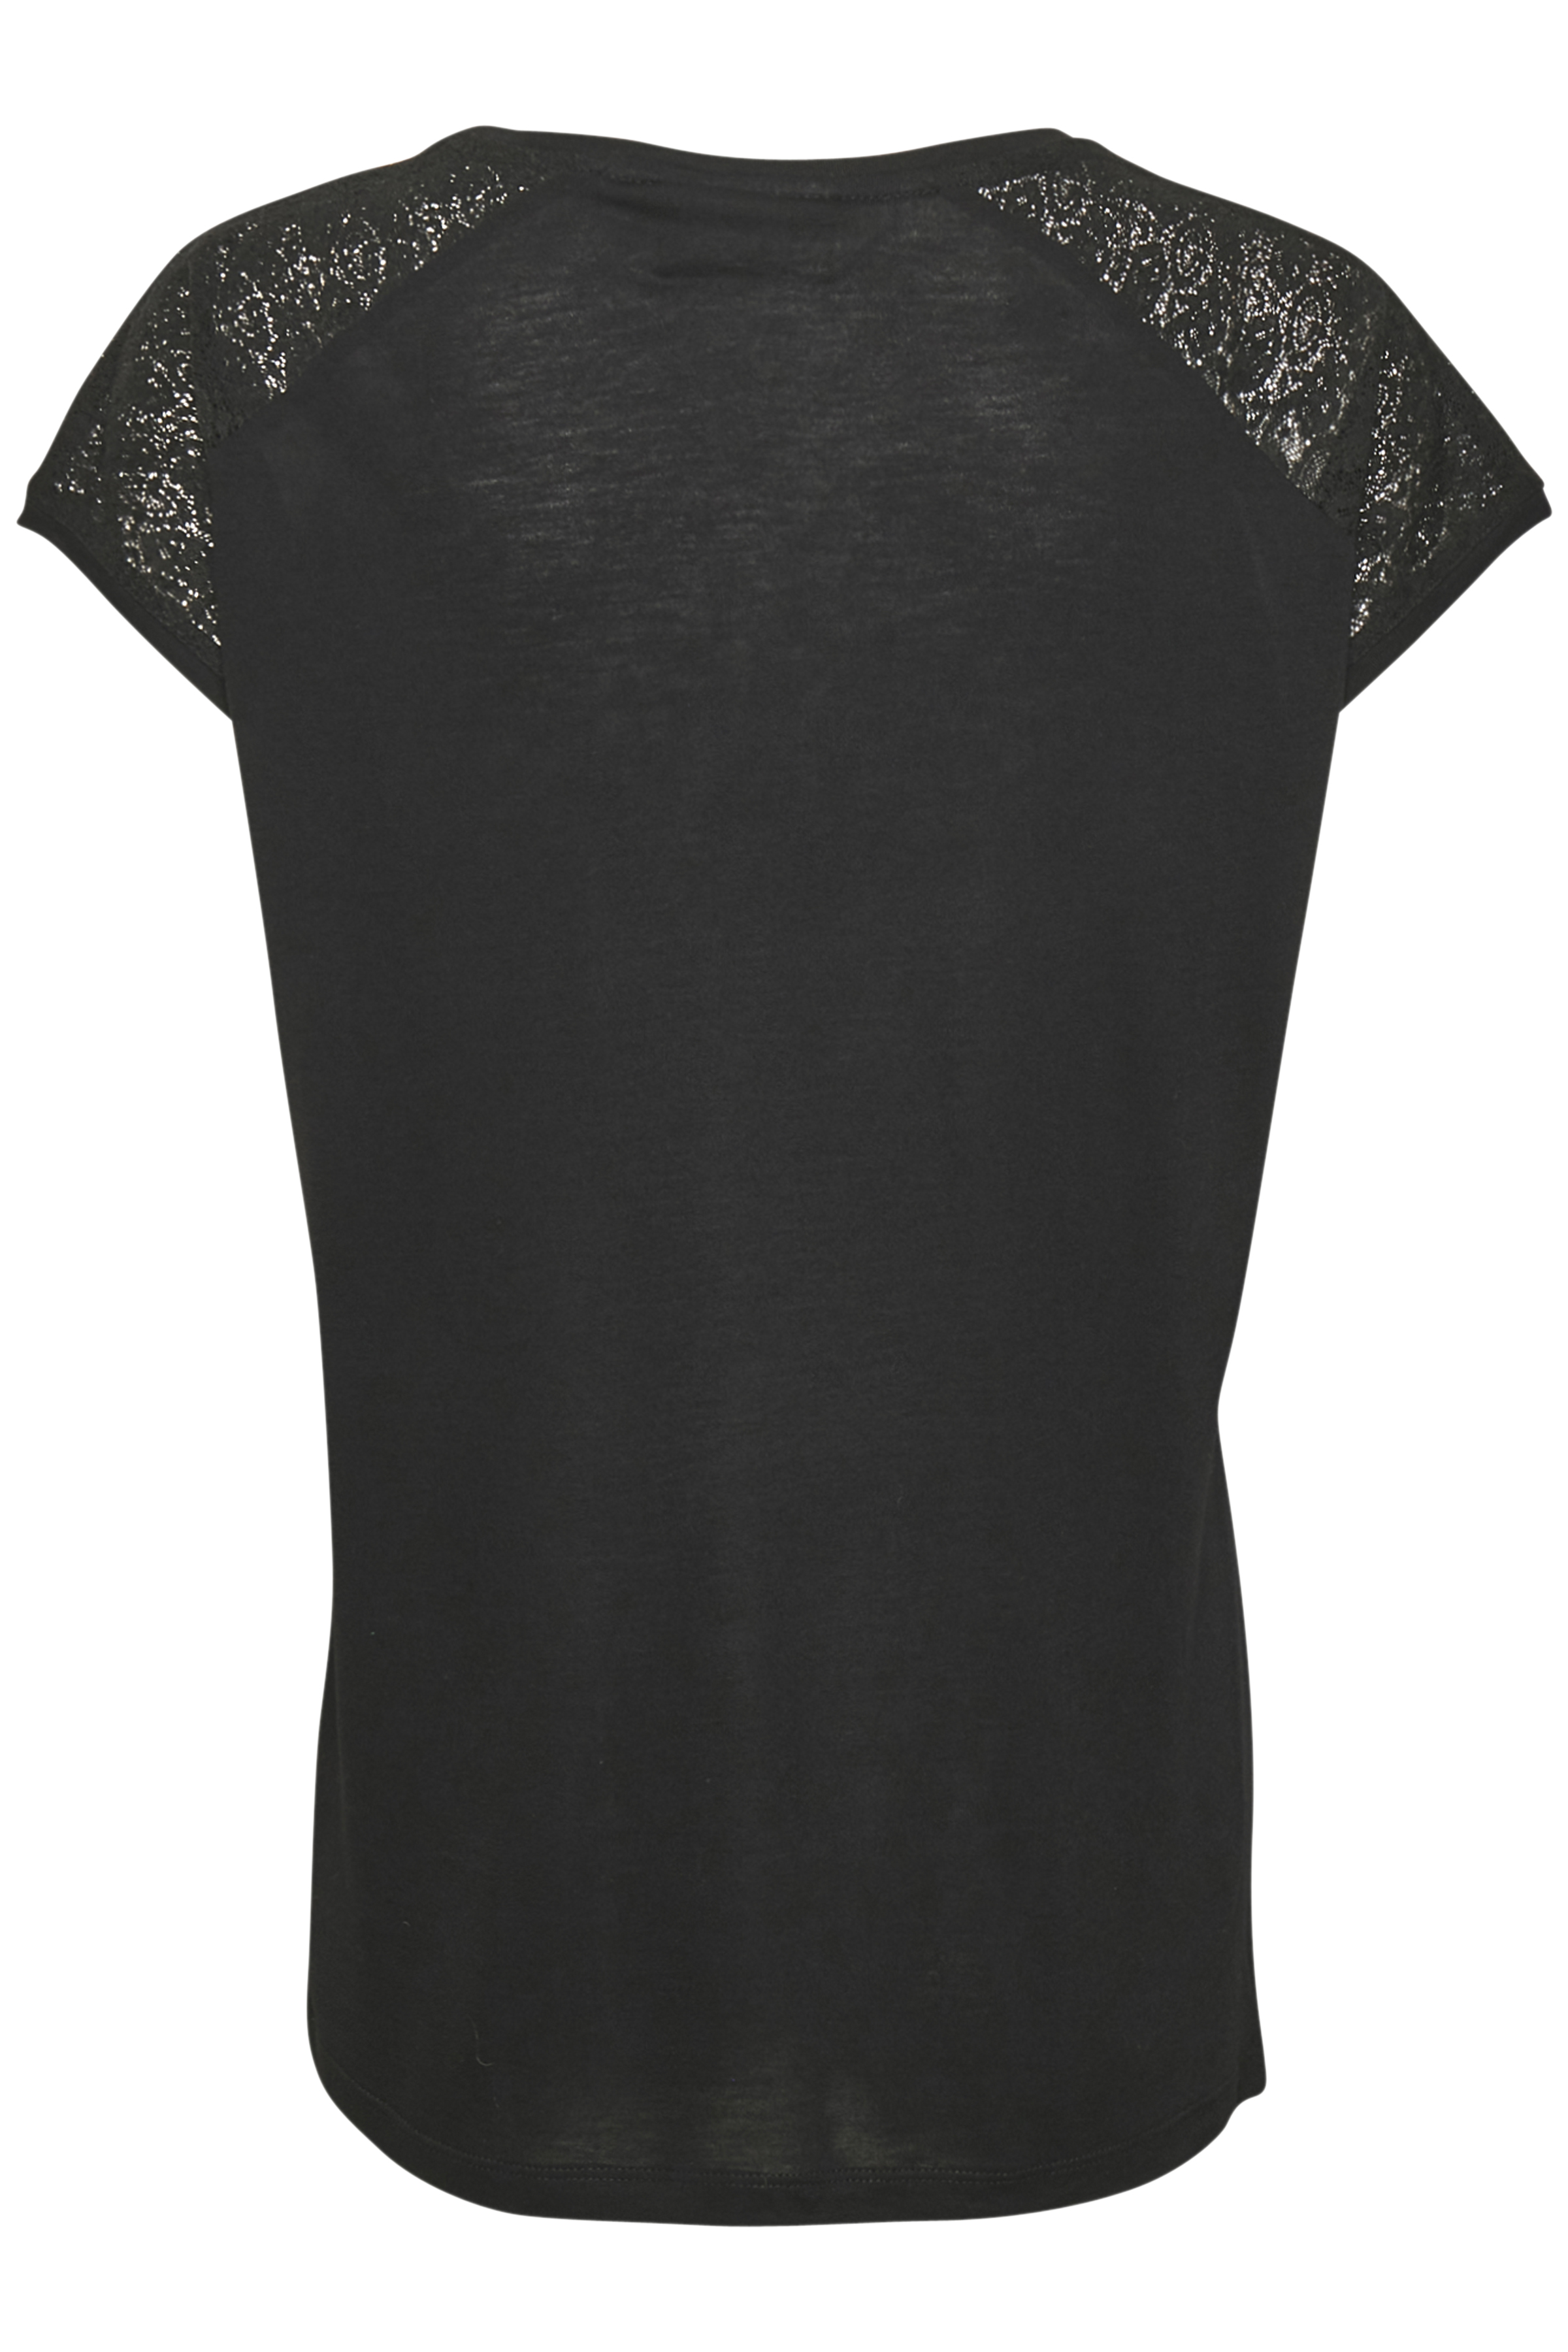 Sort Kortærmet T-shirt fra Kaffe – Køb Sort Kortærmet T-shirt fra str. XS-XXL her